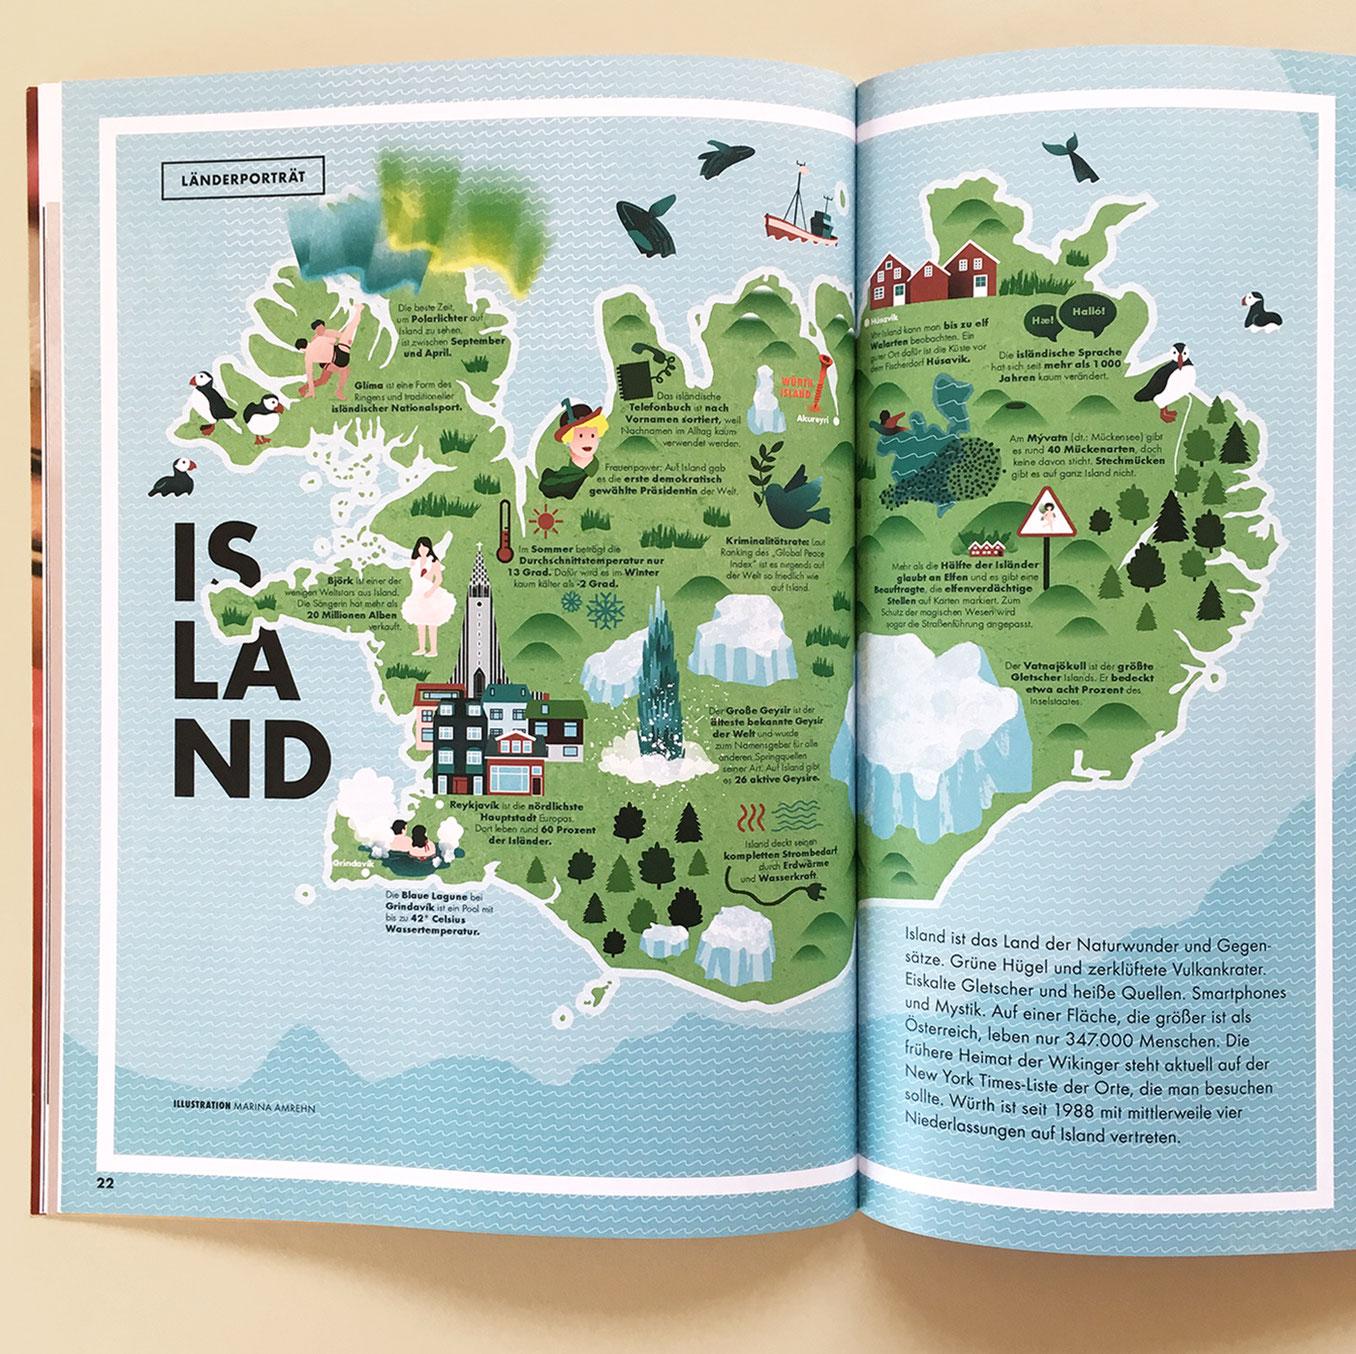 Illustrierte Island Karte im Magazin, Editorial Design, auf Doppelseite. Marina Schilling.